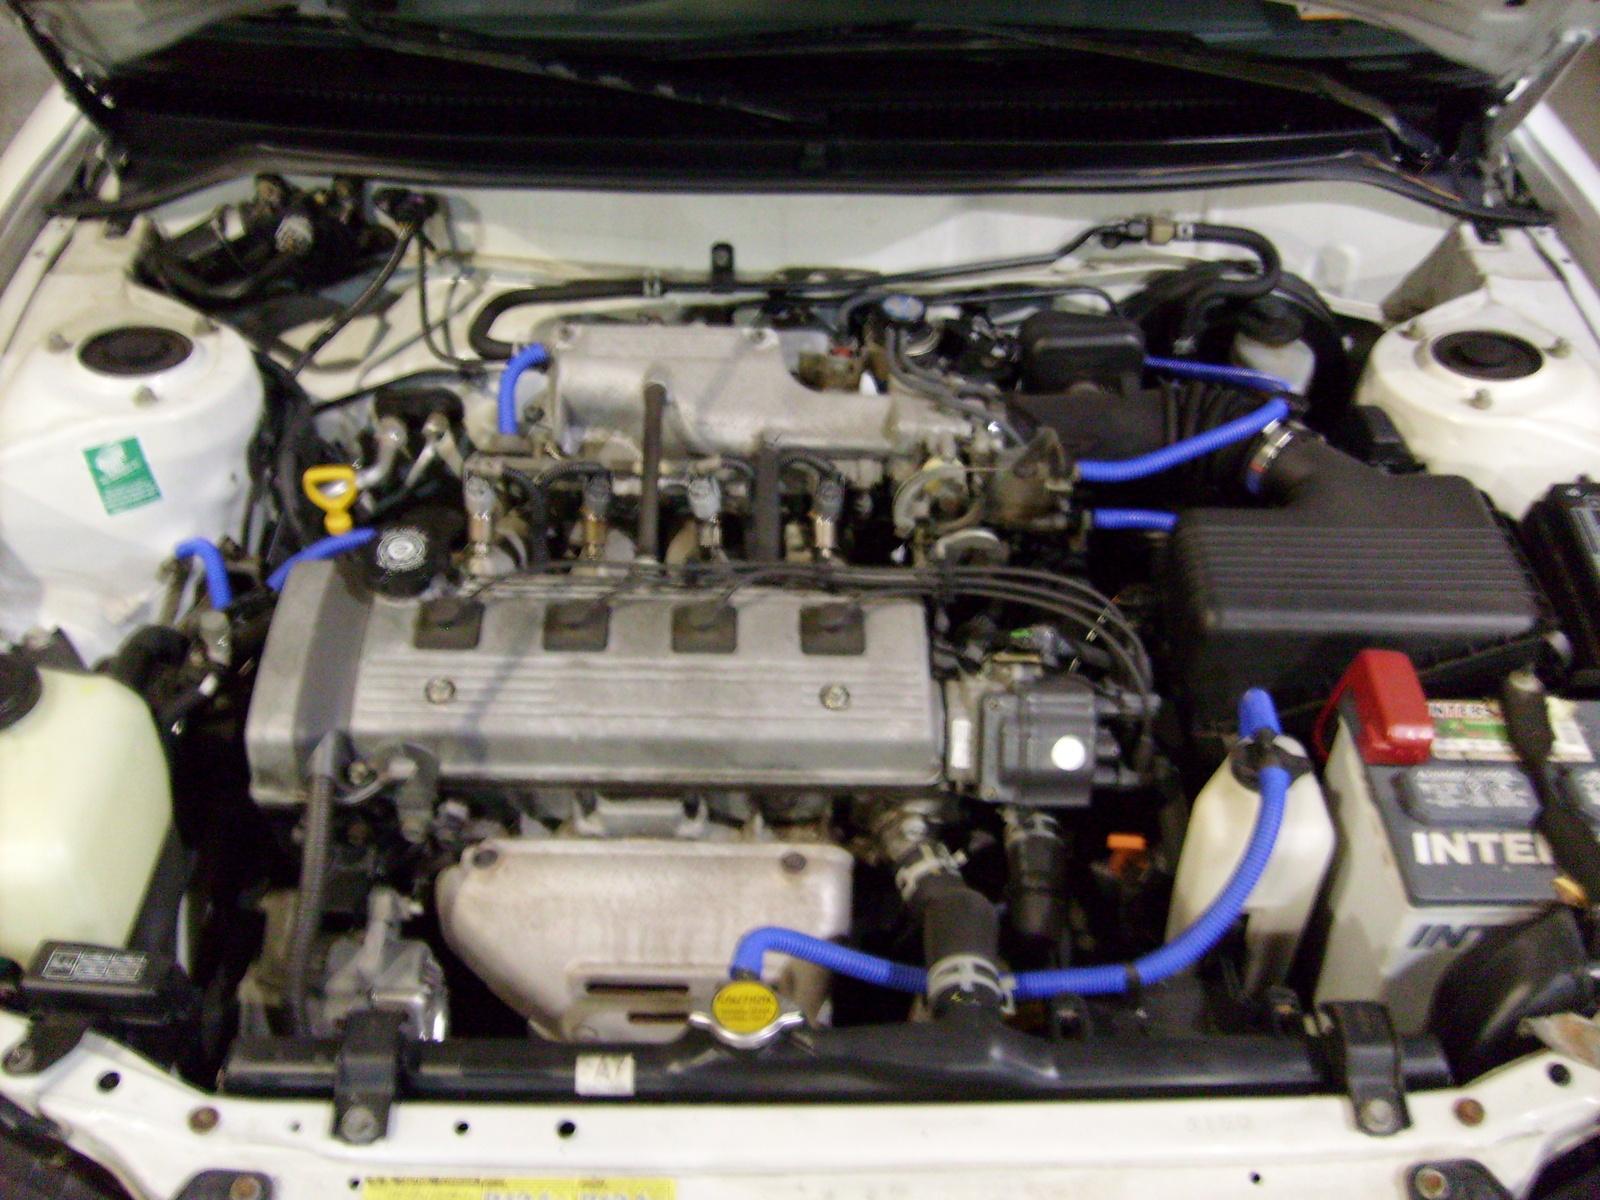 geo metro wiring diagram 6 way rv 1991 engine 1.0 ~ odicis